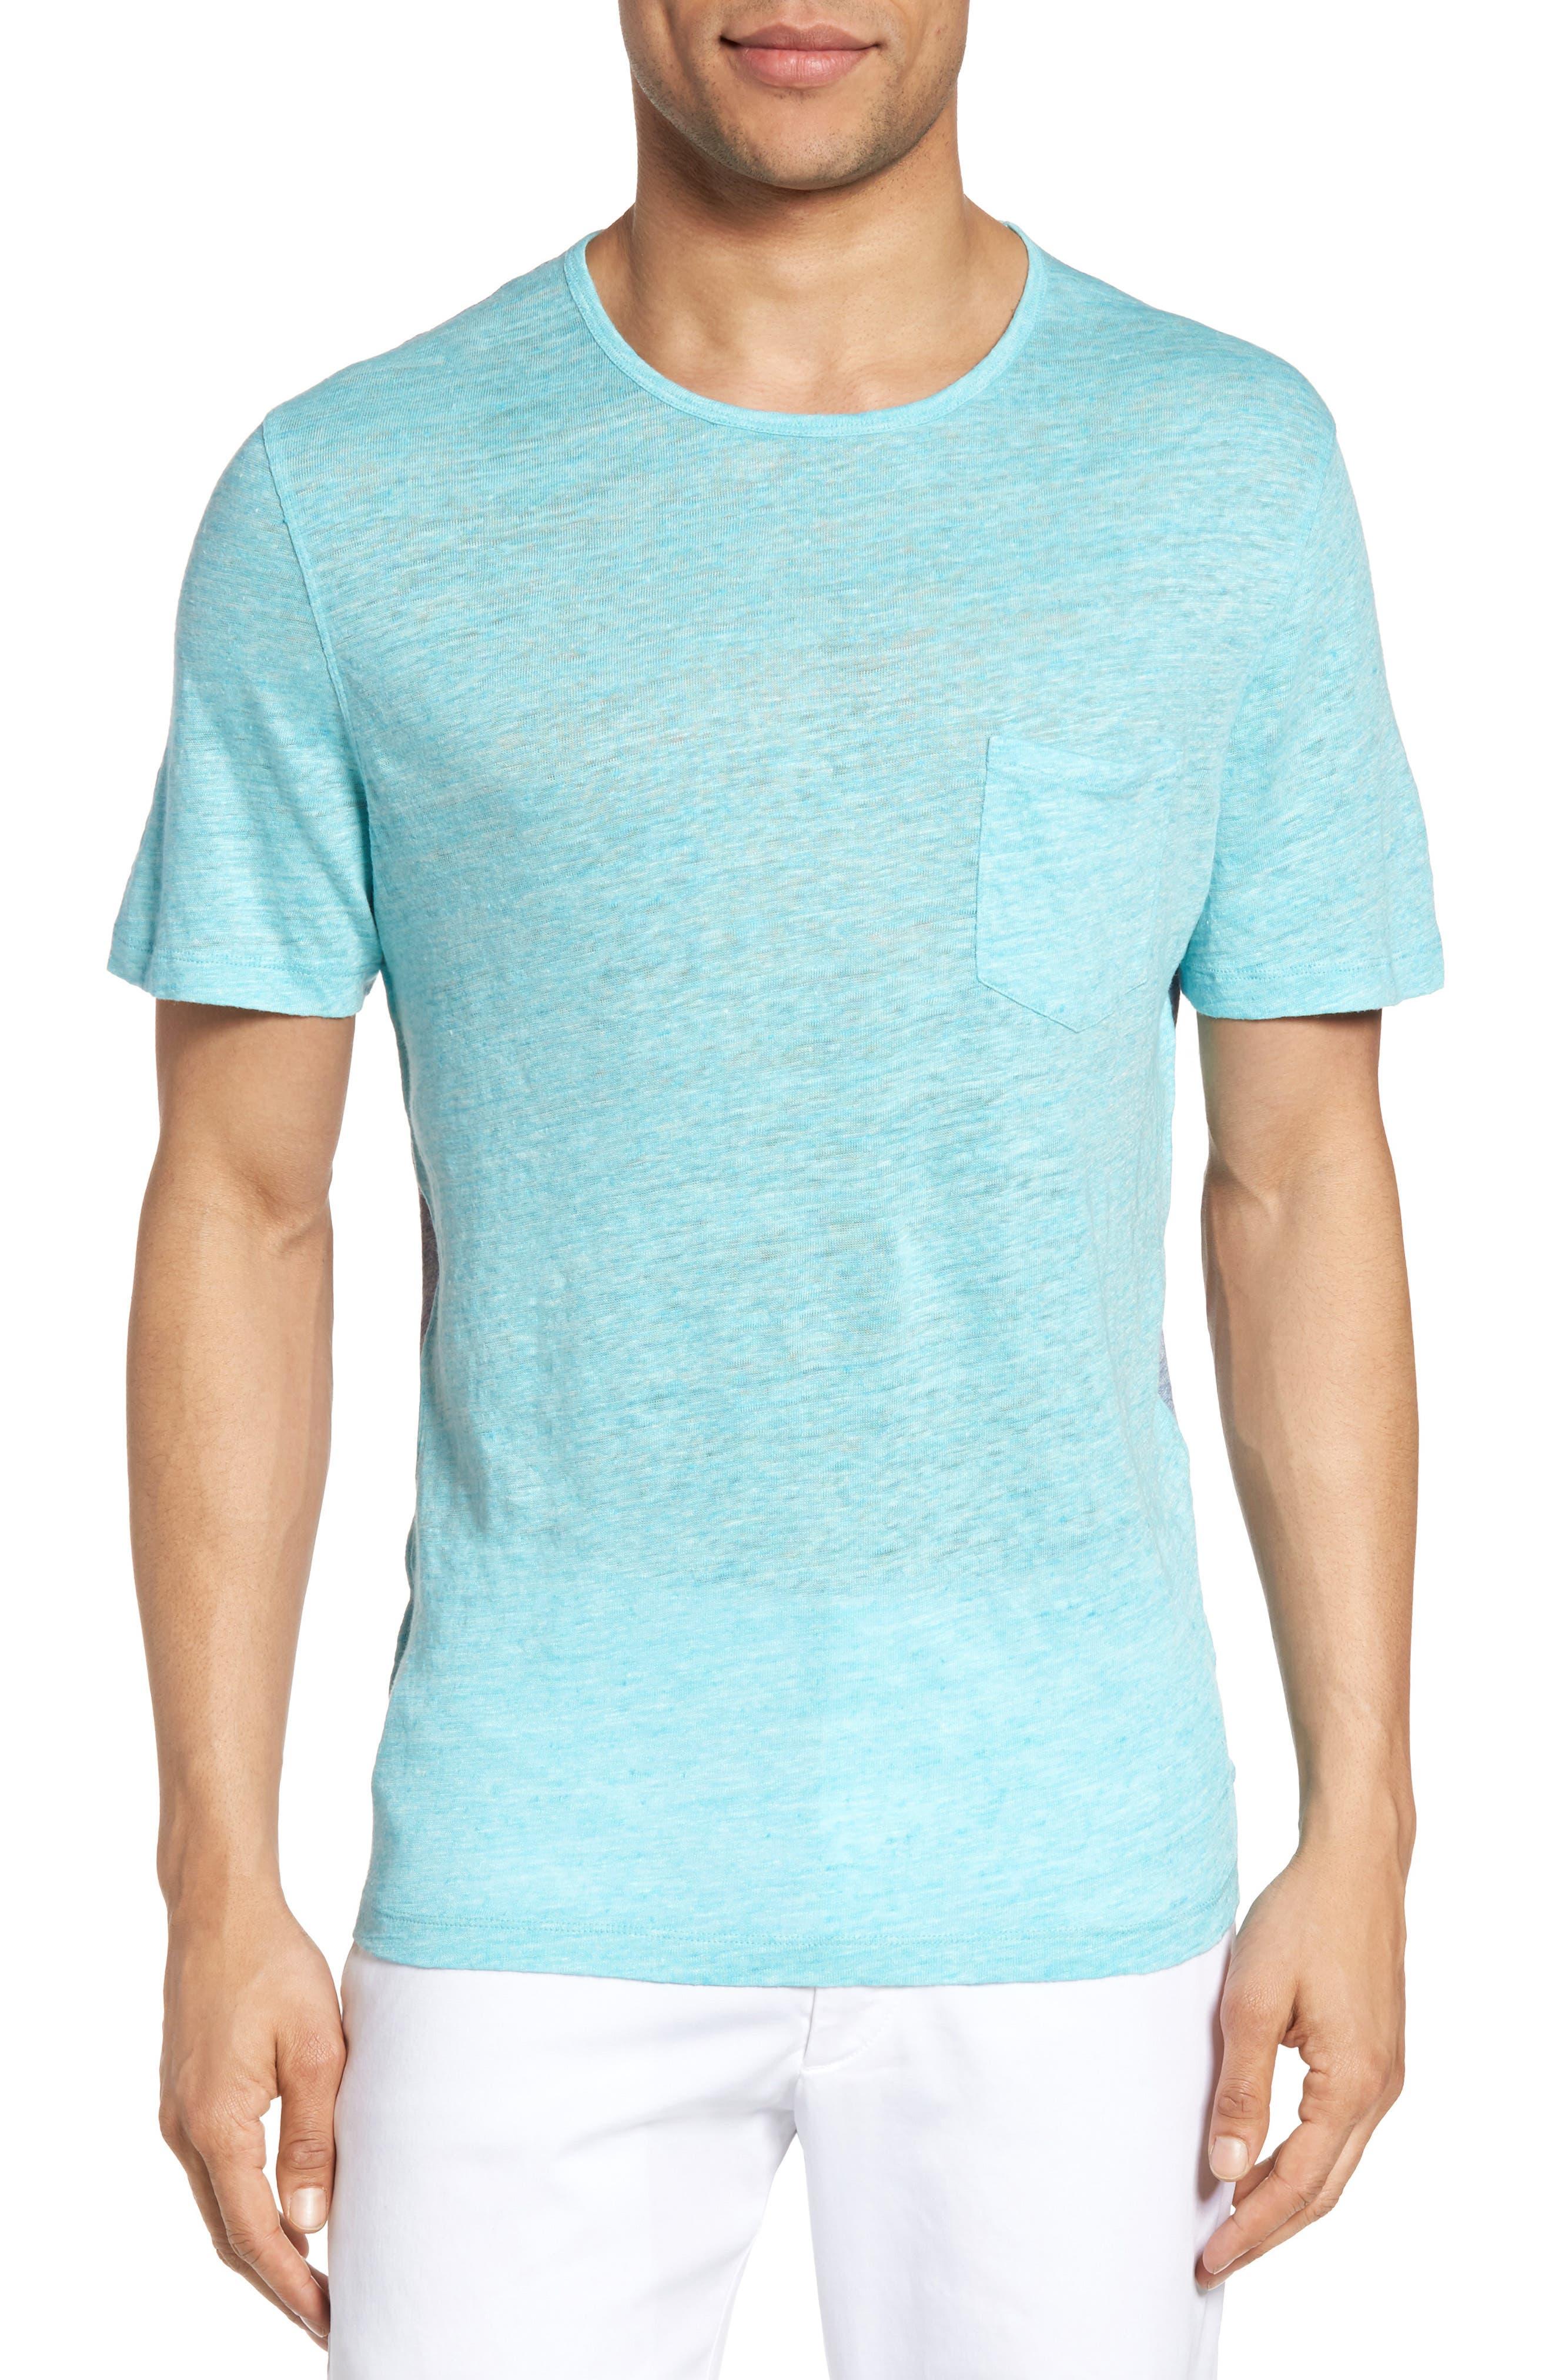 Monad Colorblock Linen T-Shirt,                         Main,                         color, Aqua